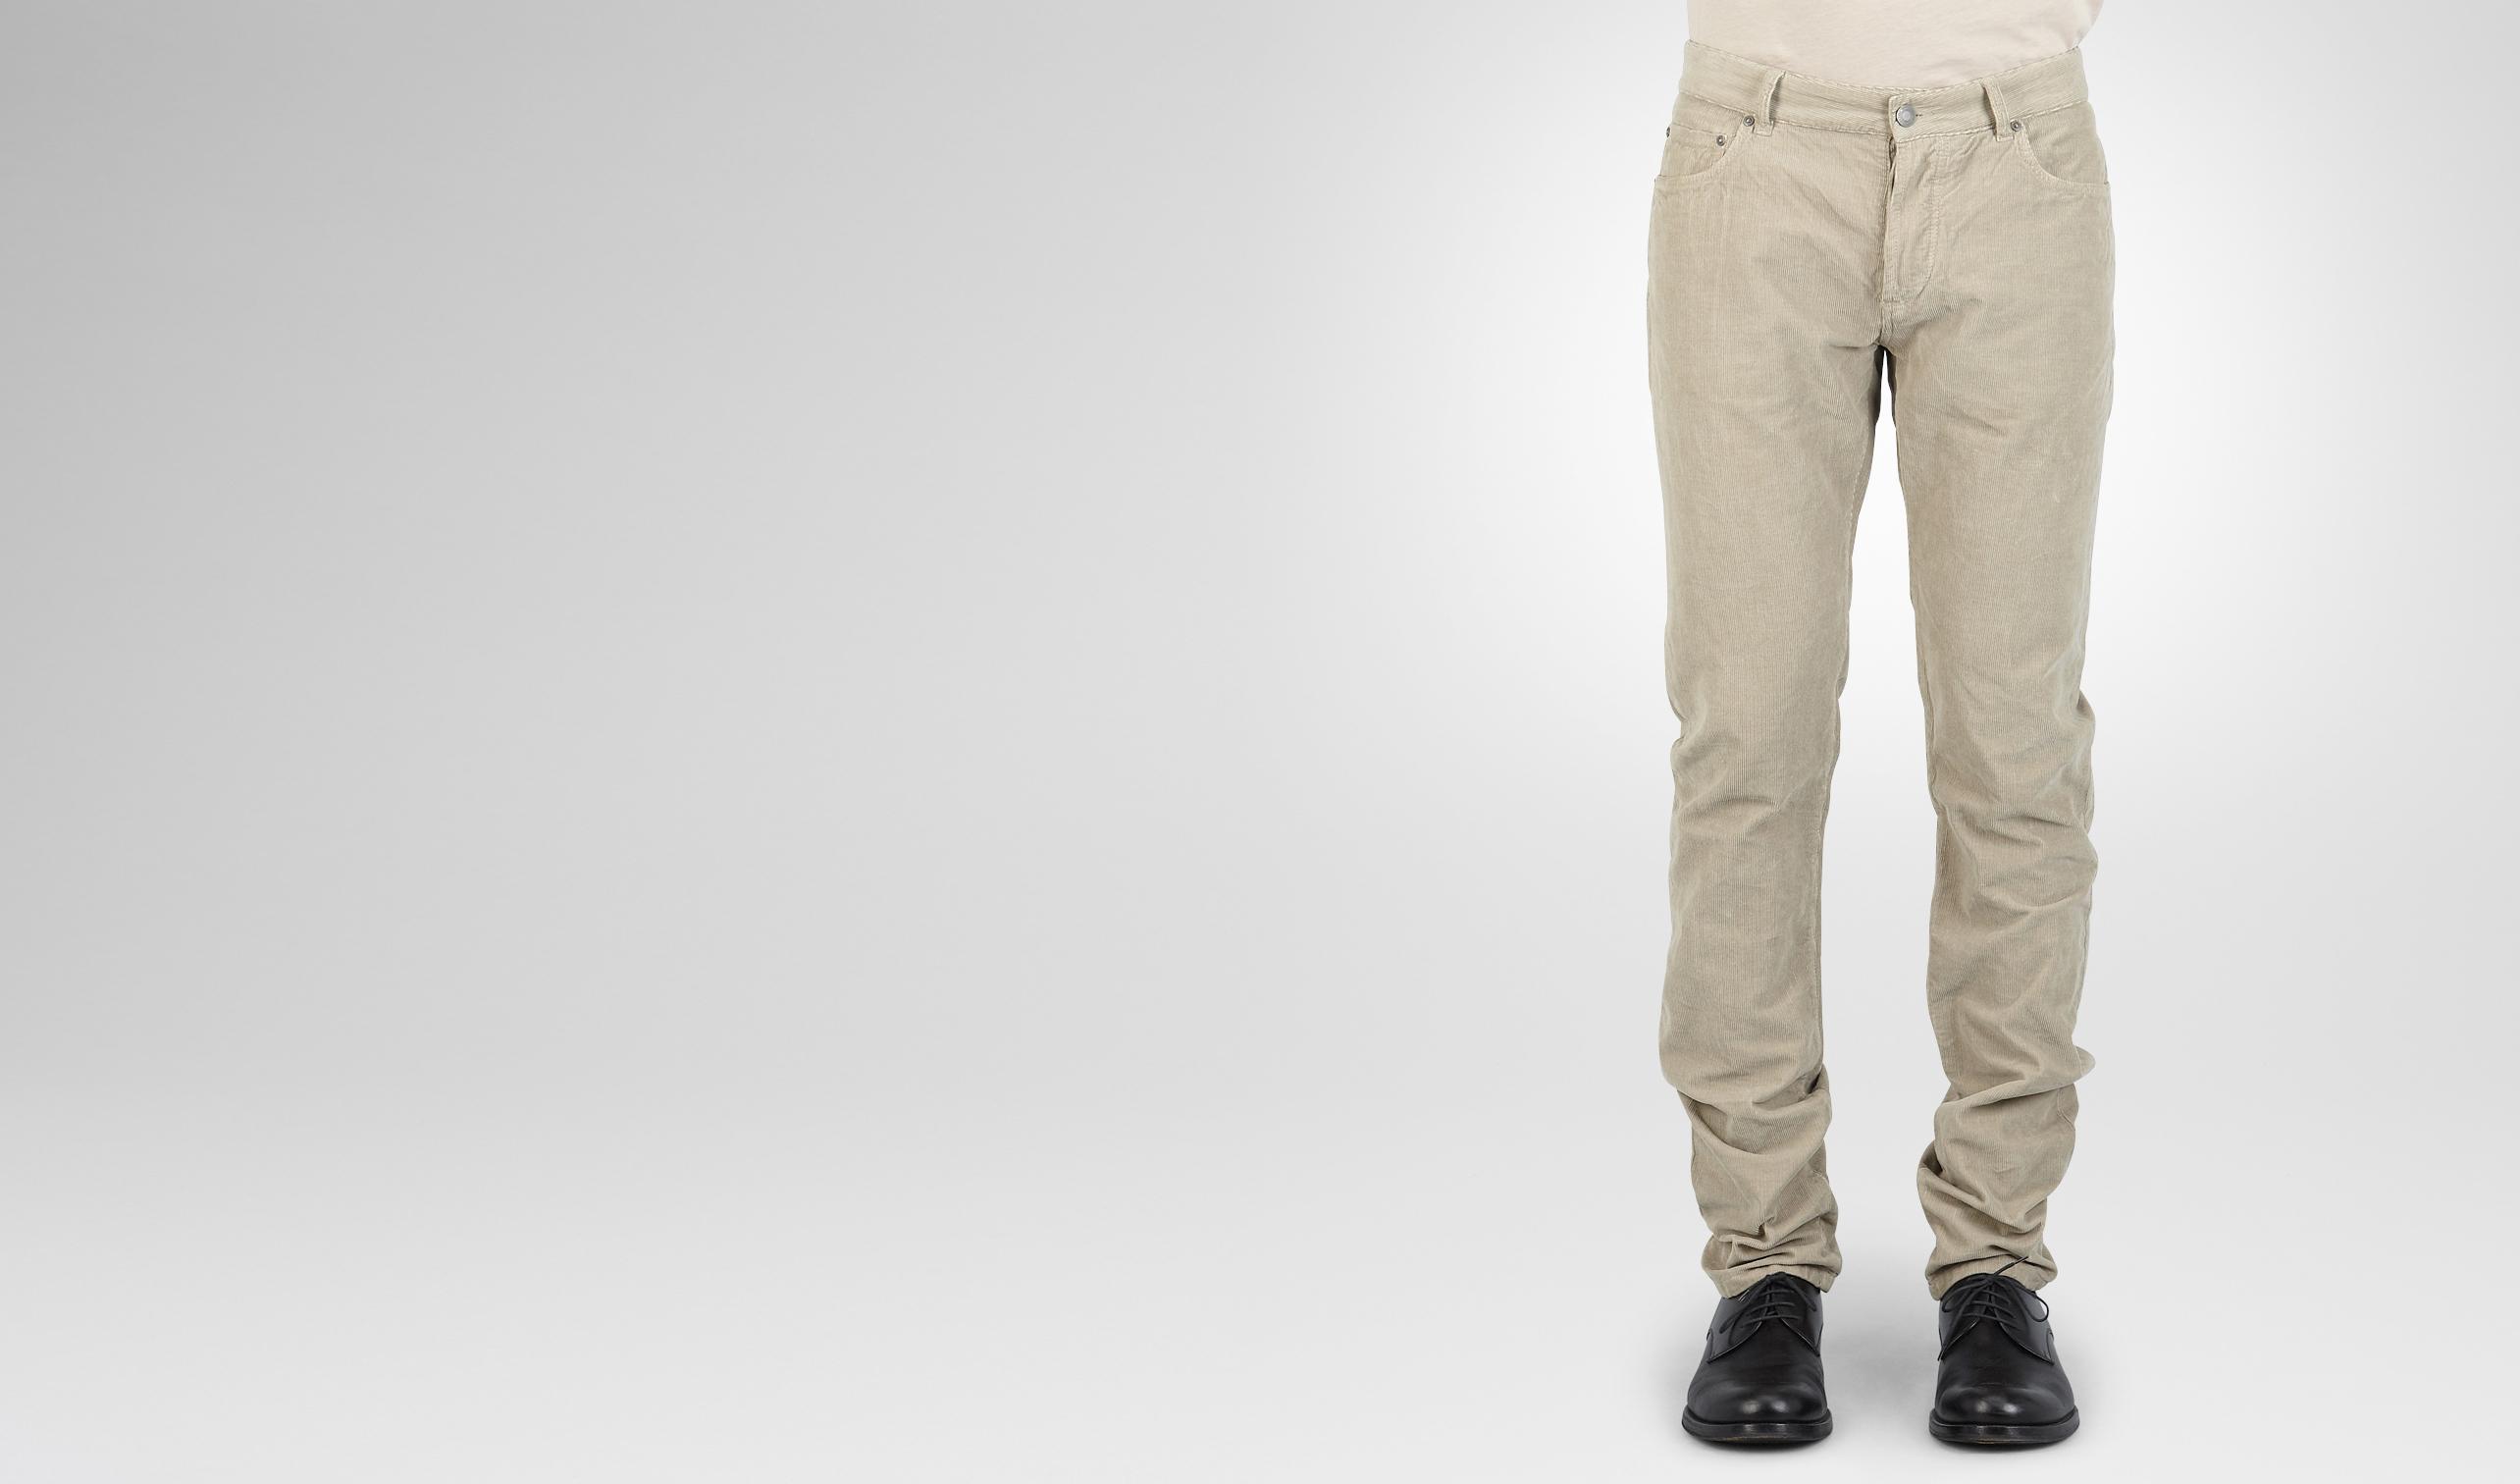 BOTTEGA VENETA Trouser or jeans U Sand Summer Velvet Corduroy Pant pl